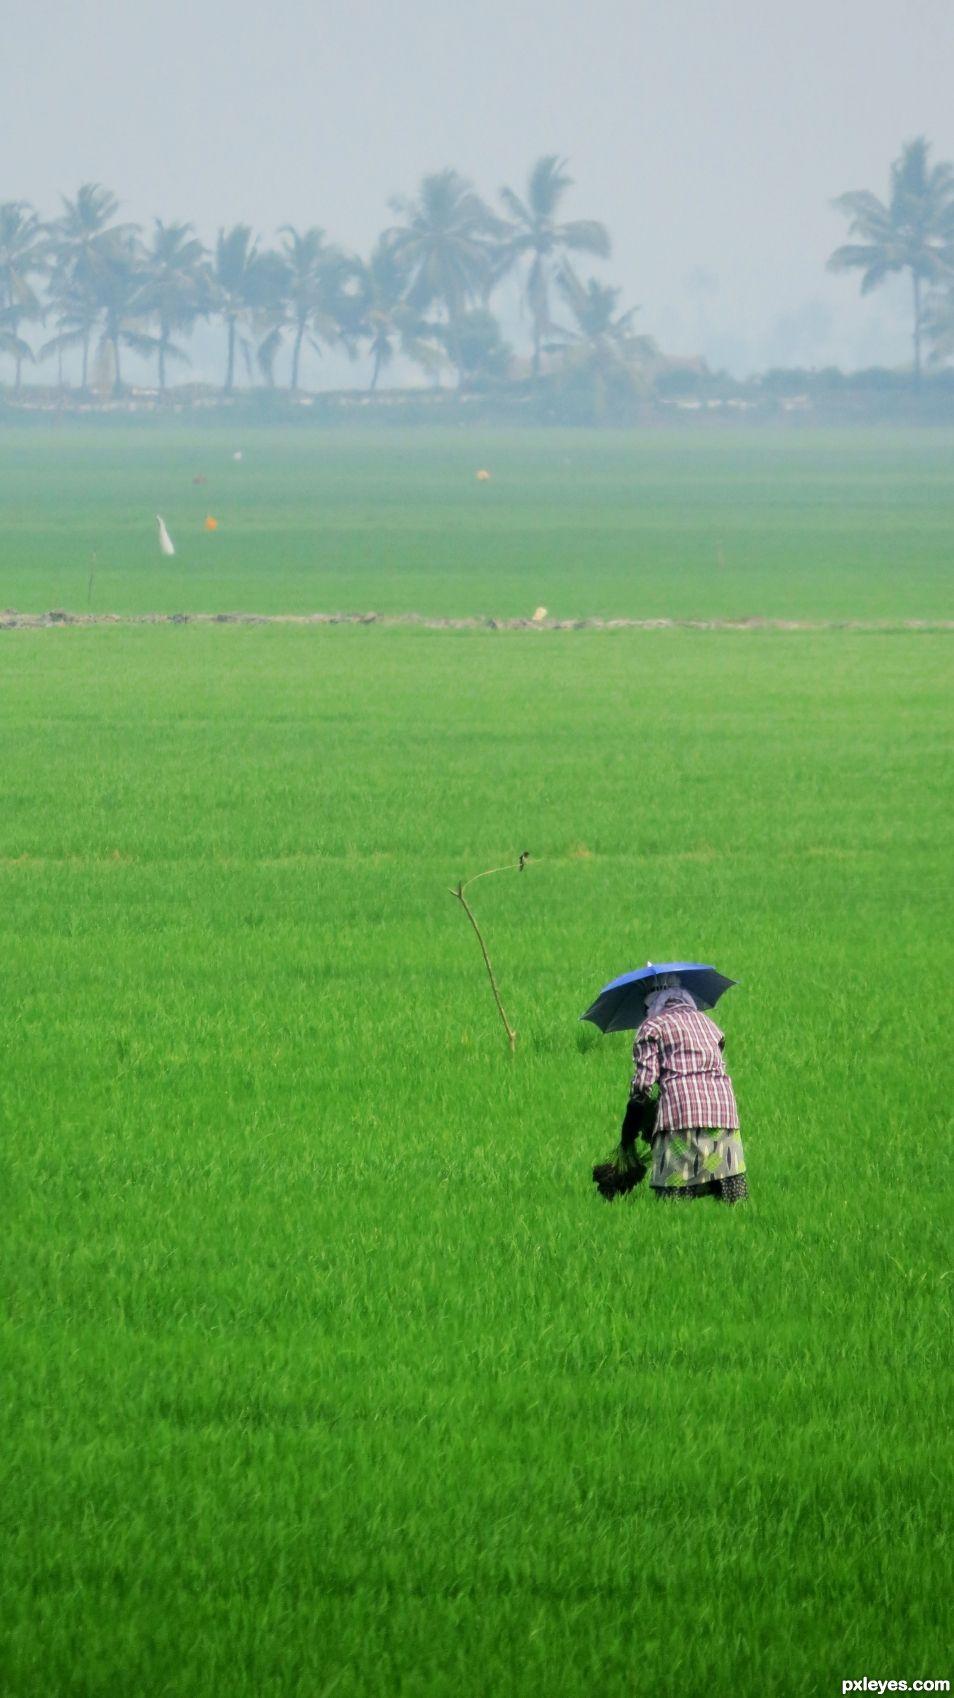 Worker in a paddy field